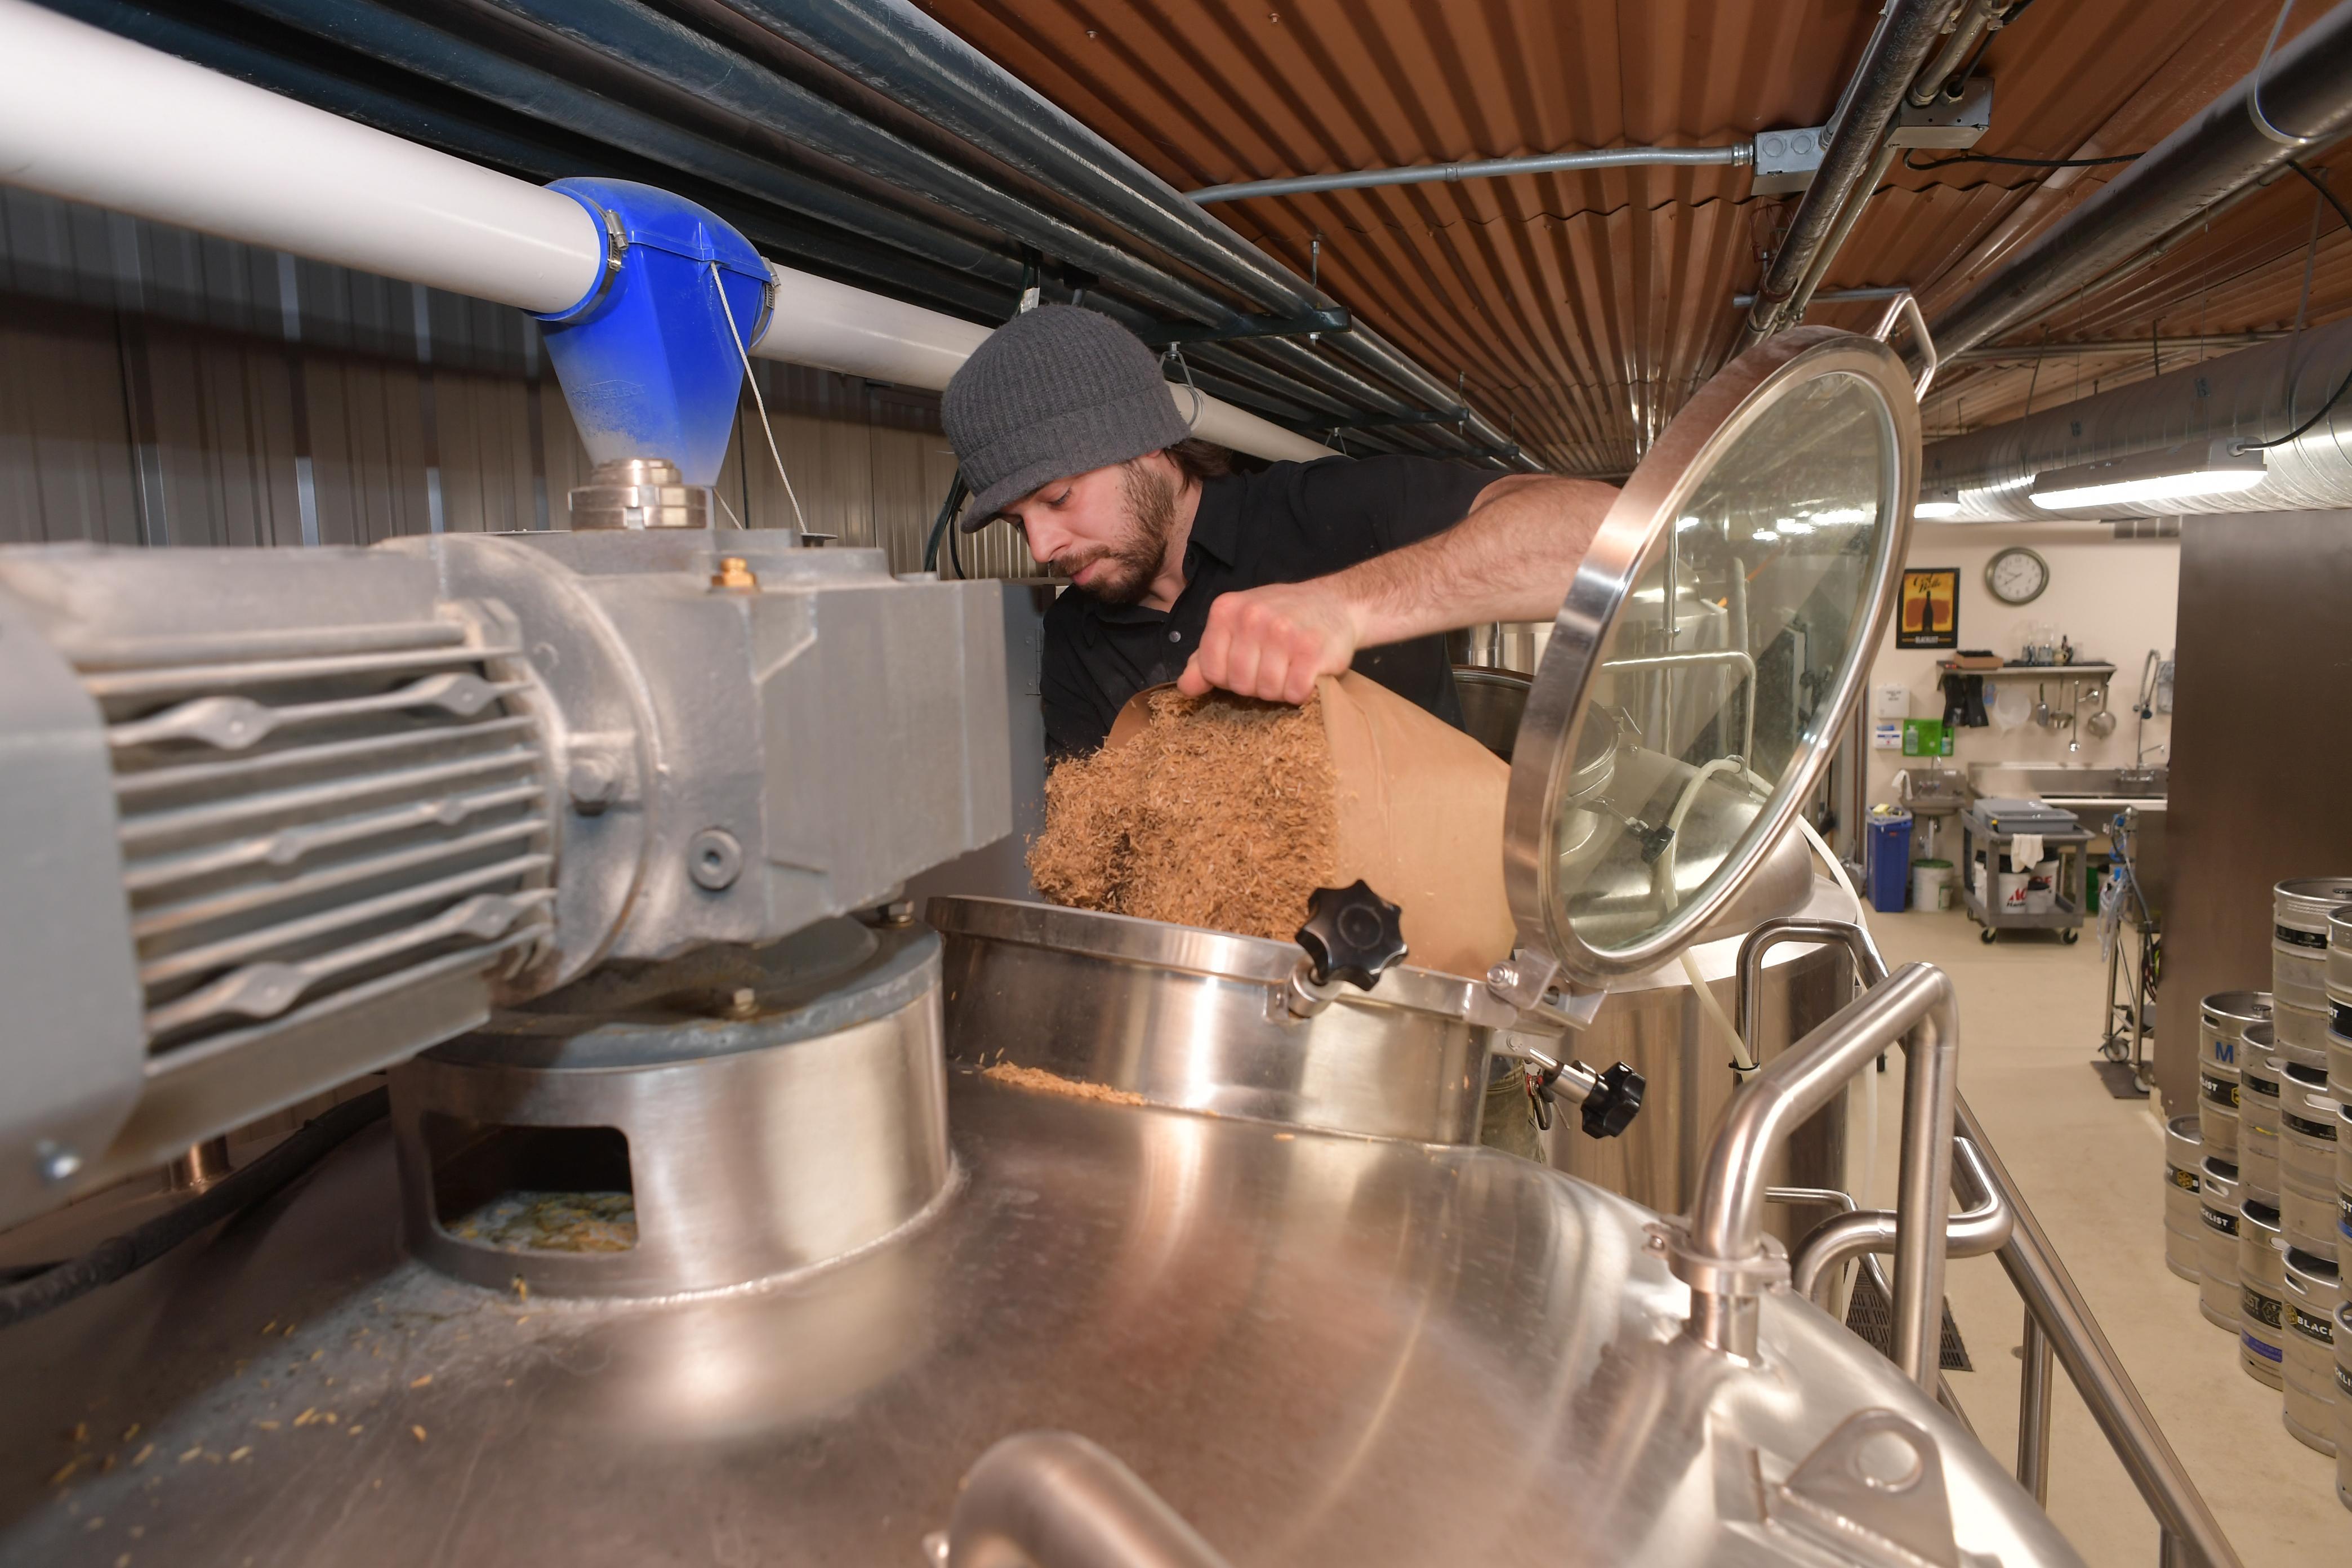 Brian Schanzenbach working at Blacklist Artisan Ales